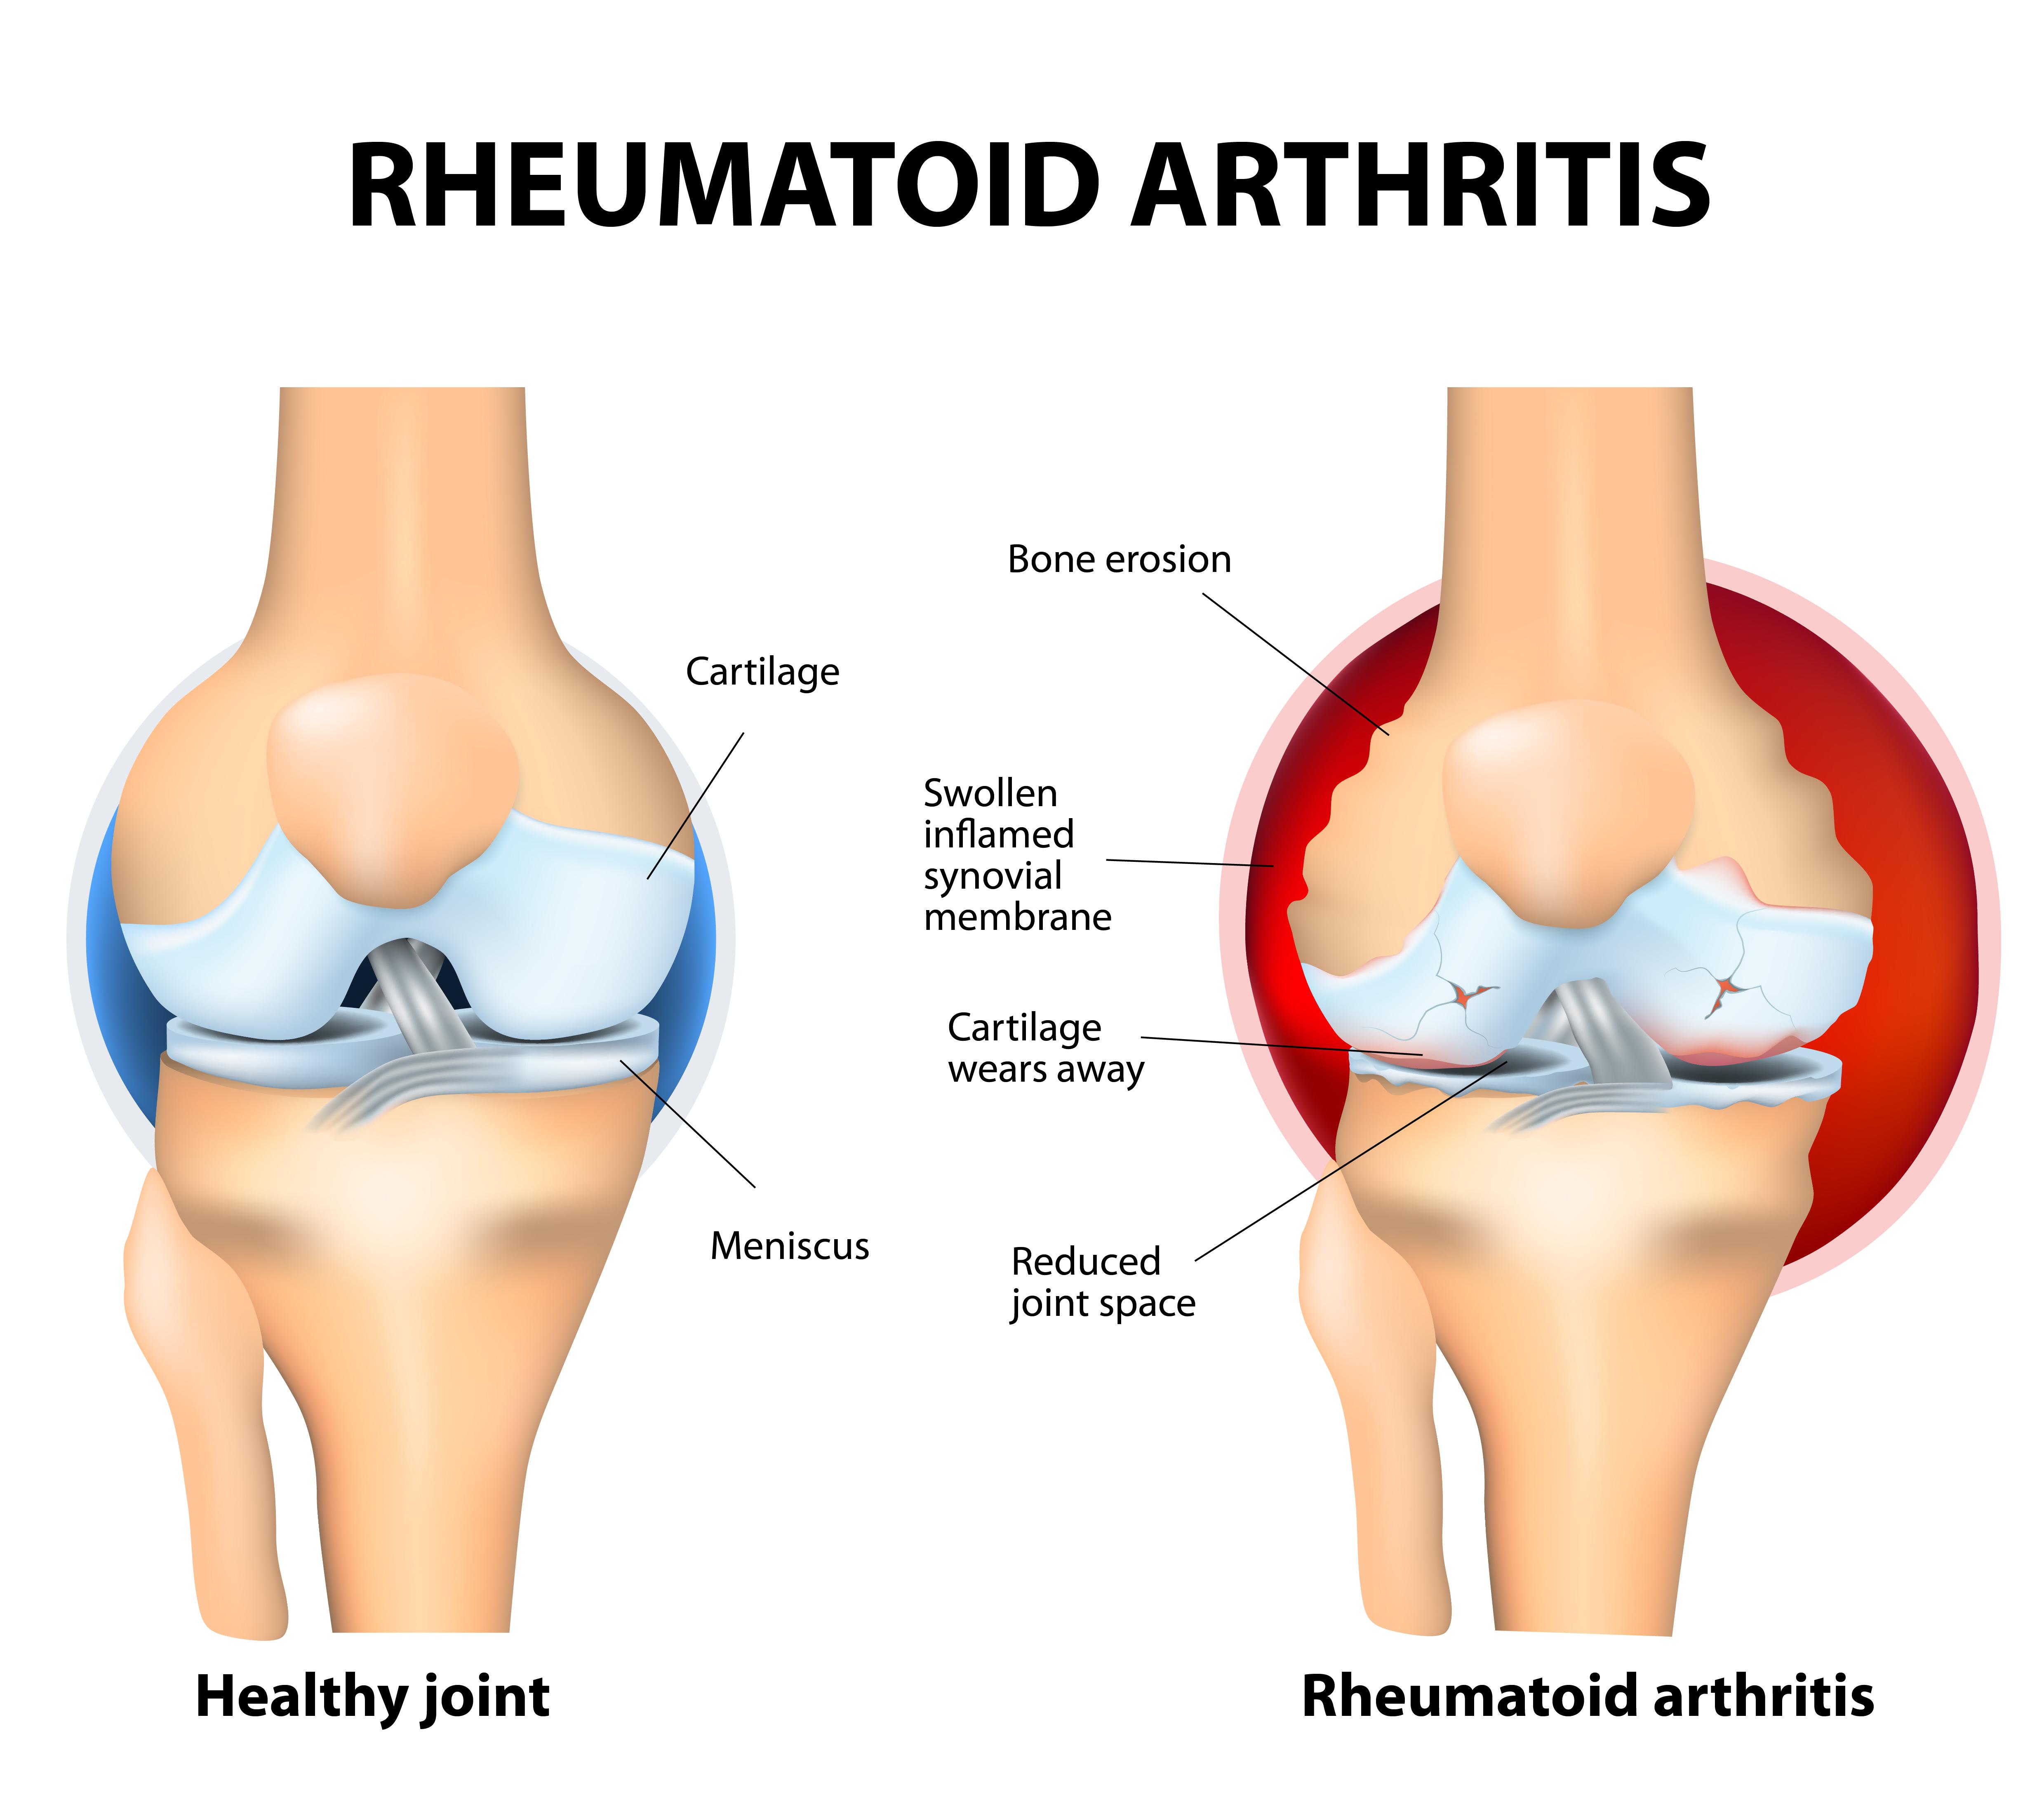 Douleurs à la hanche - Quand devez-voir consulter un médecin